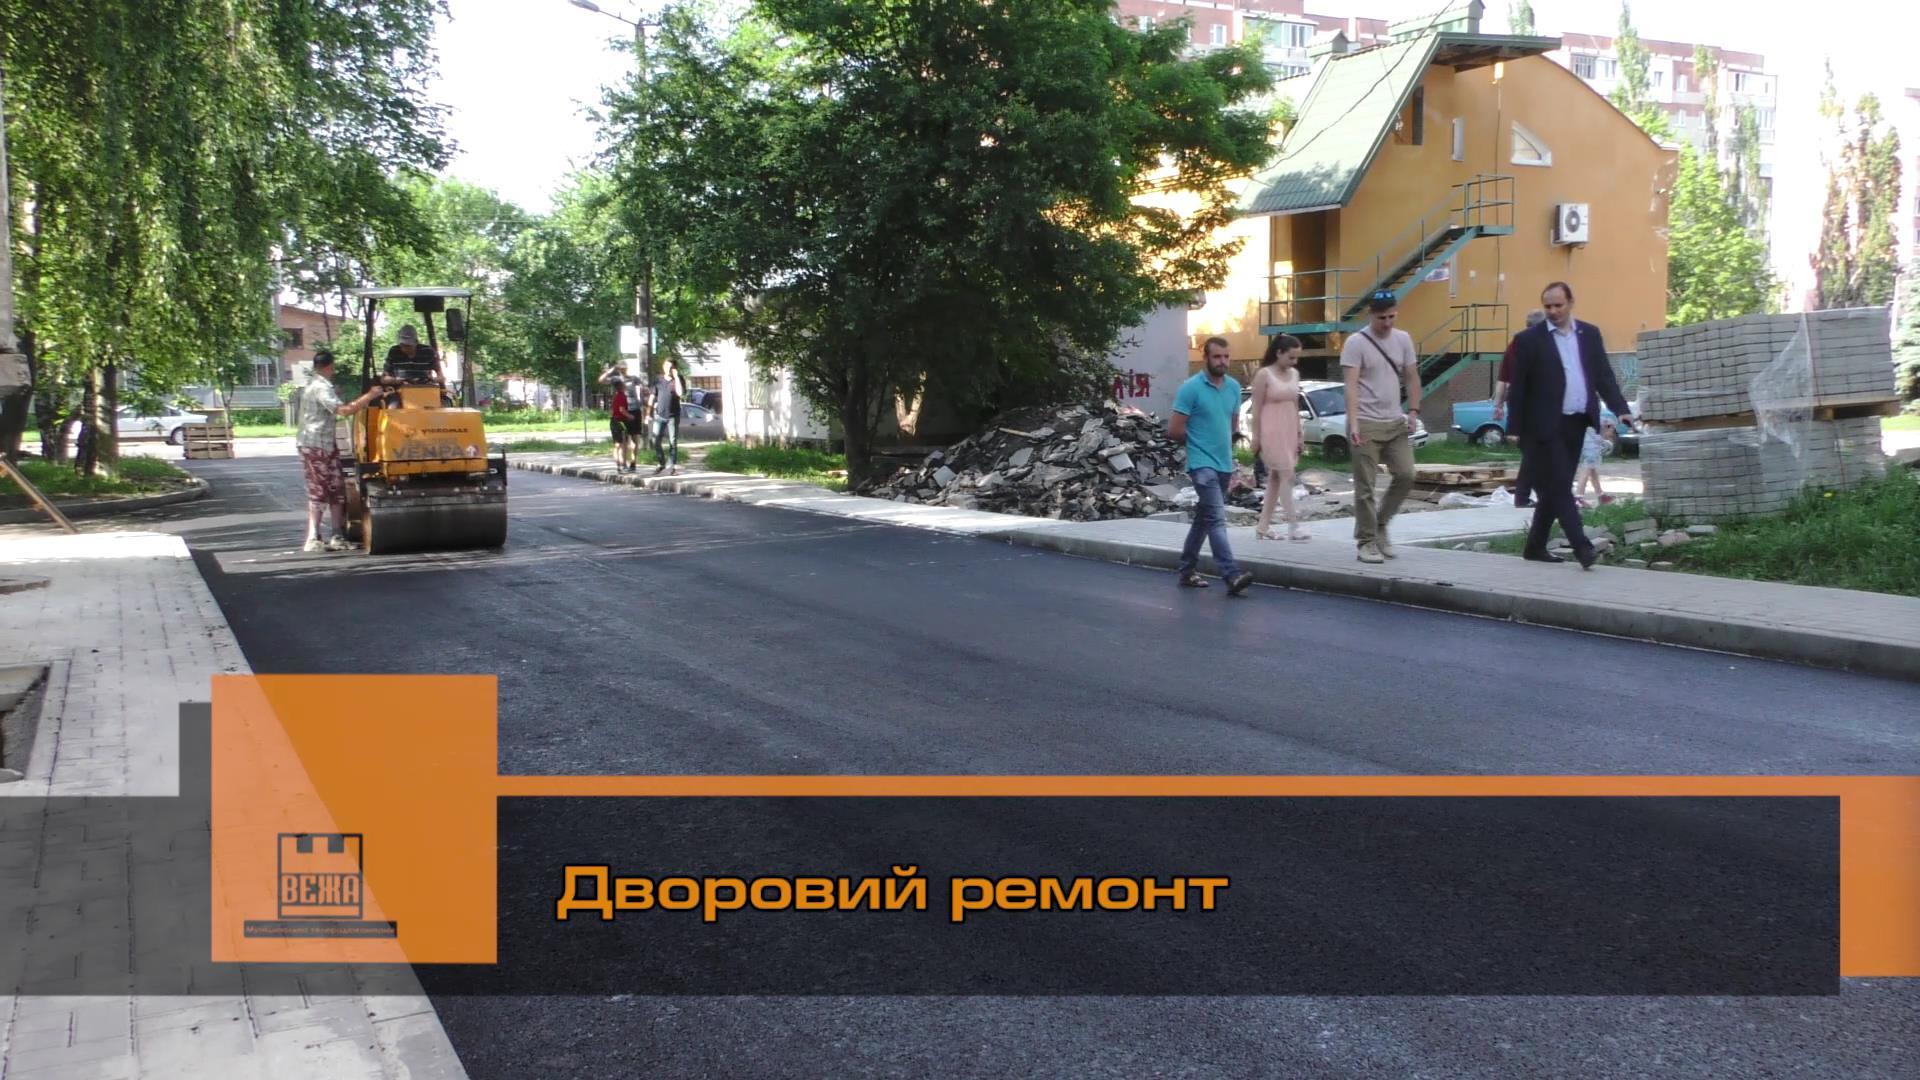 Дворовий ремонт[14-53-02]